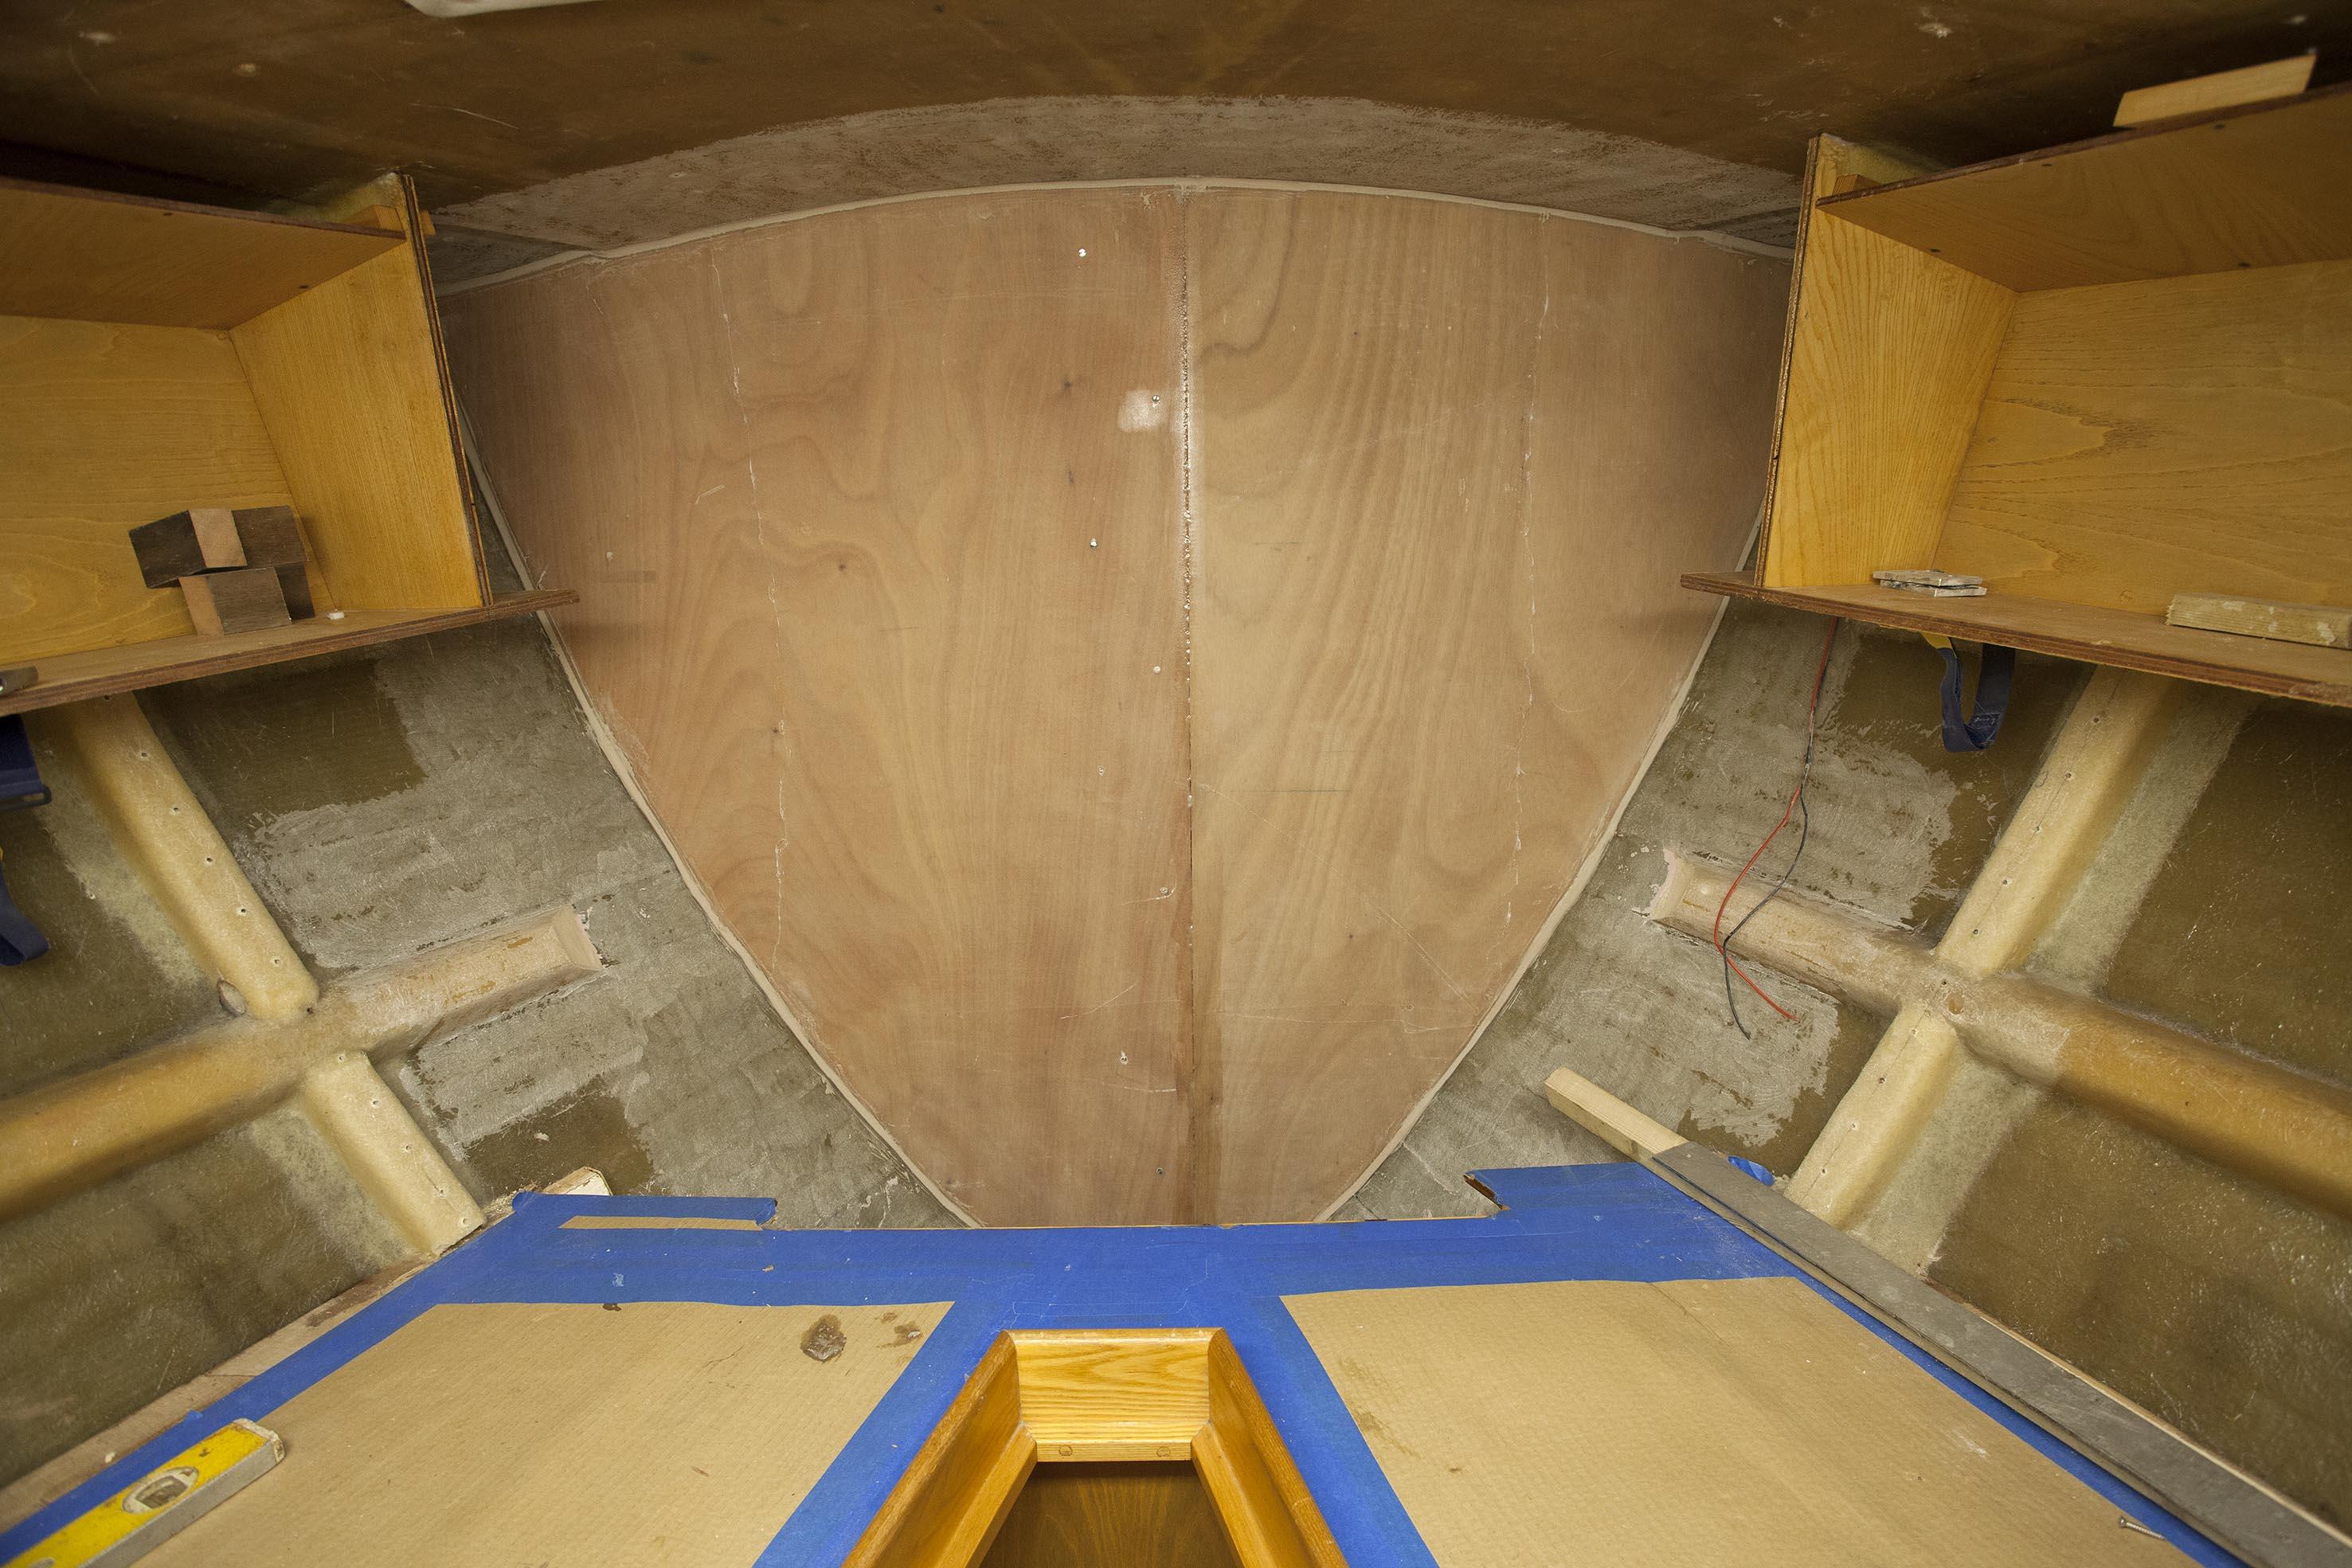 Collision bulkeads installed for Golden Globe Race